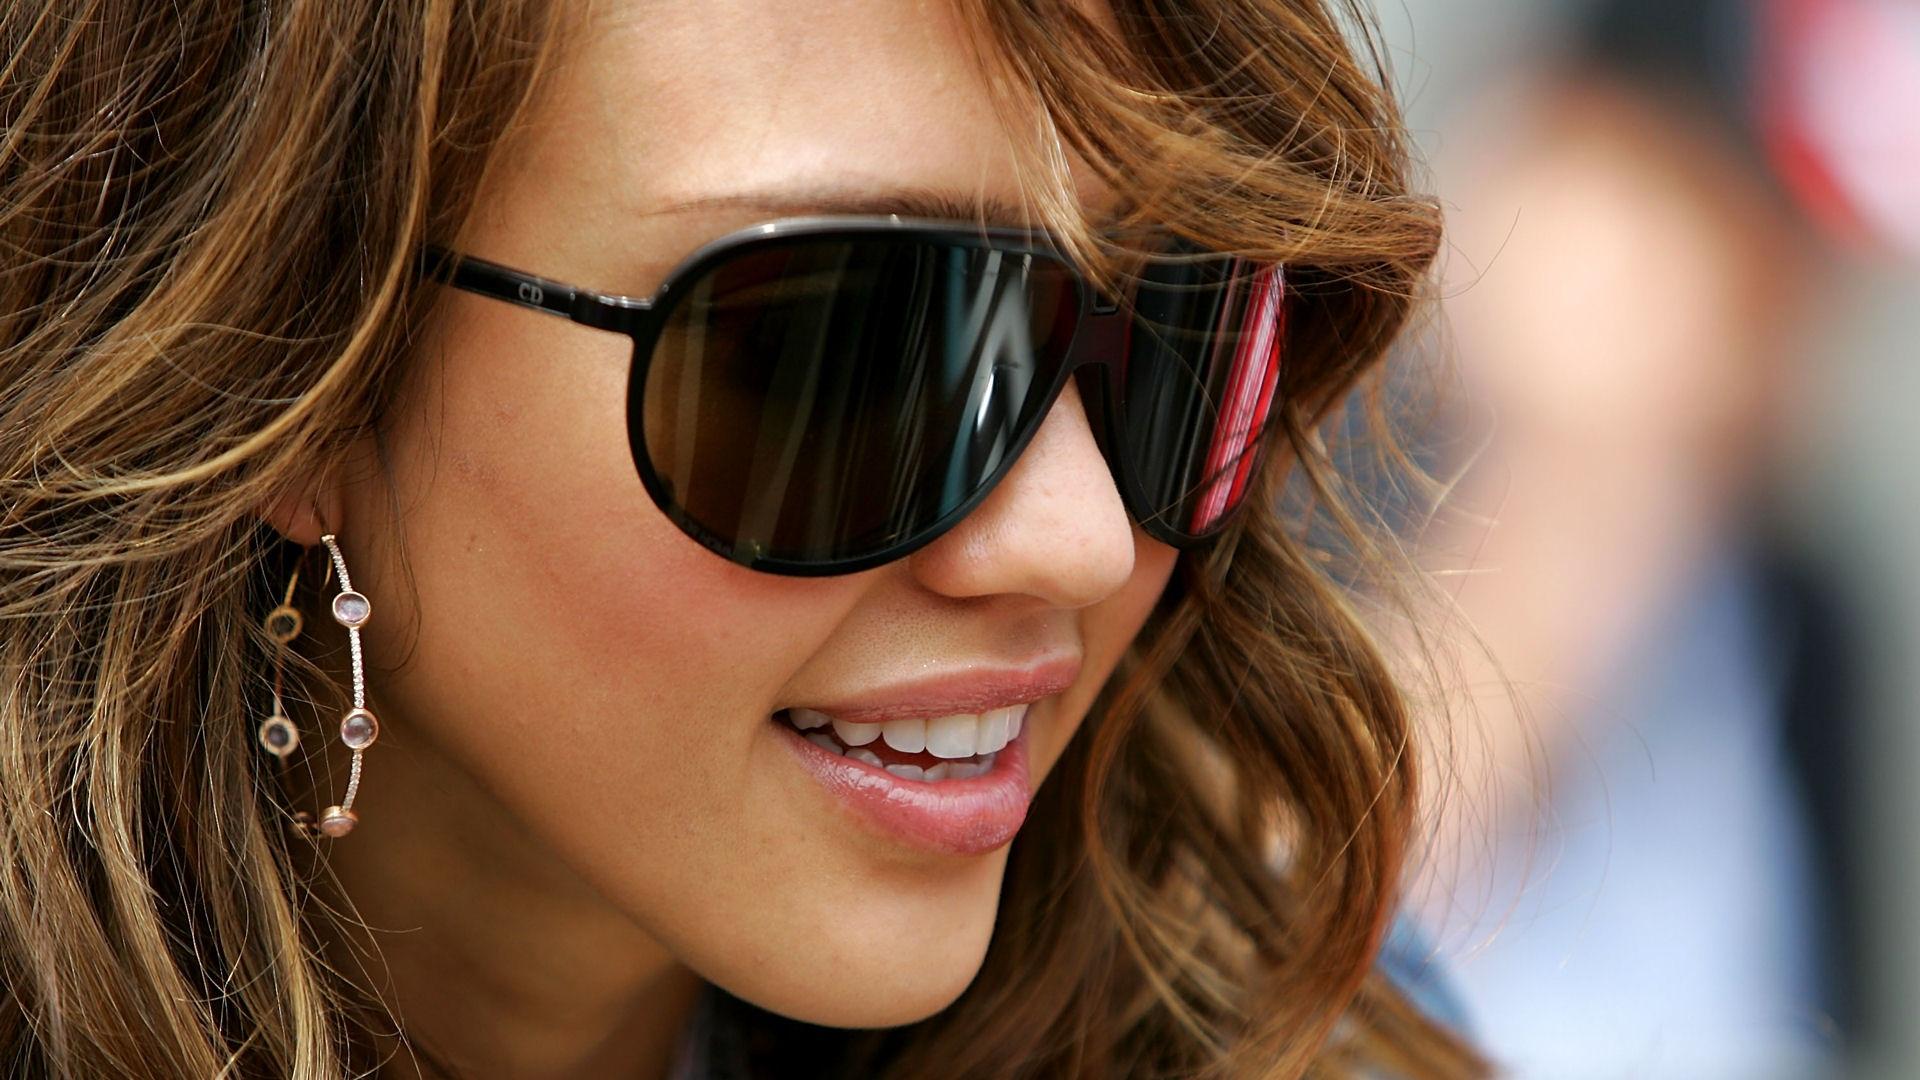 Jessica Alba full hd wallpaper sunglasses pretty face 1920x1080